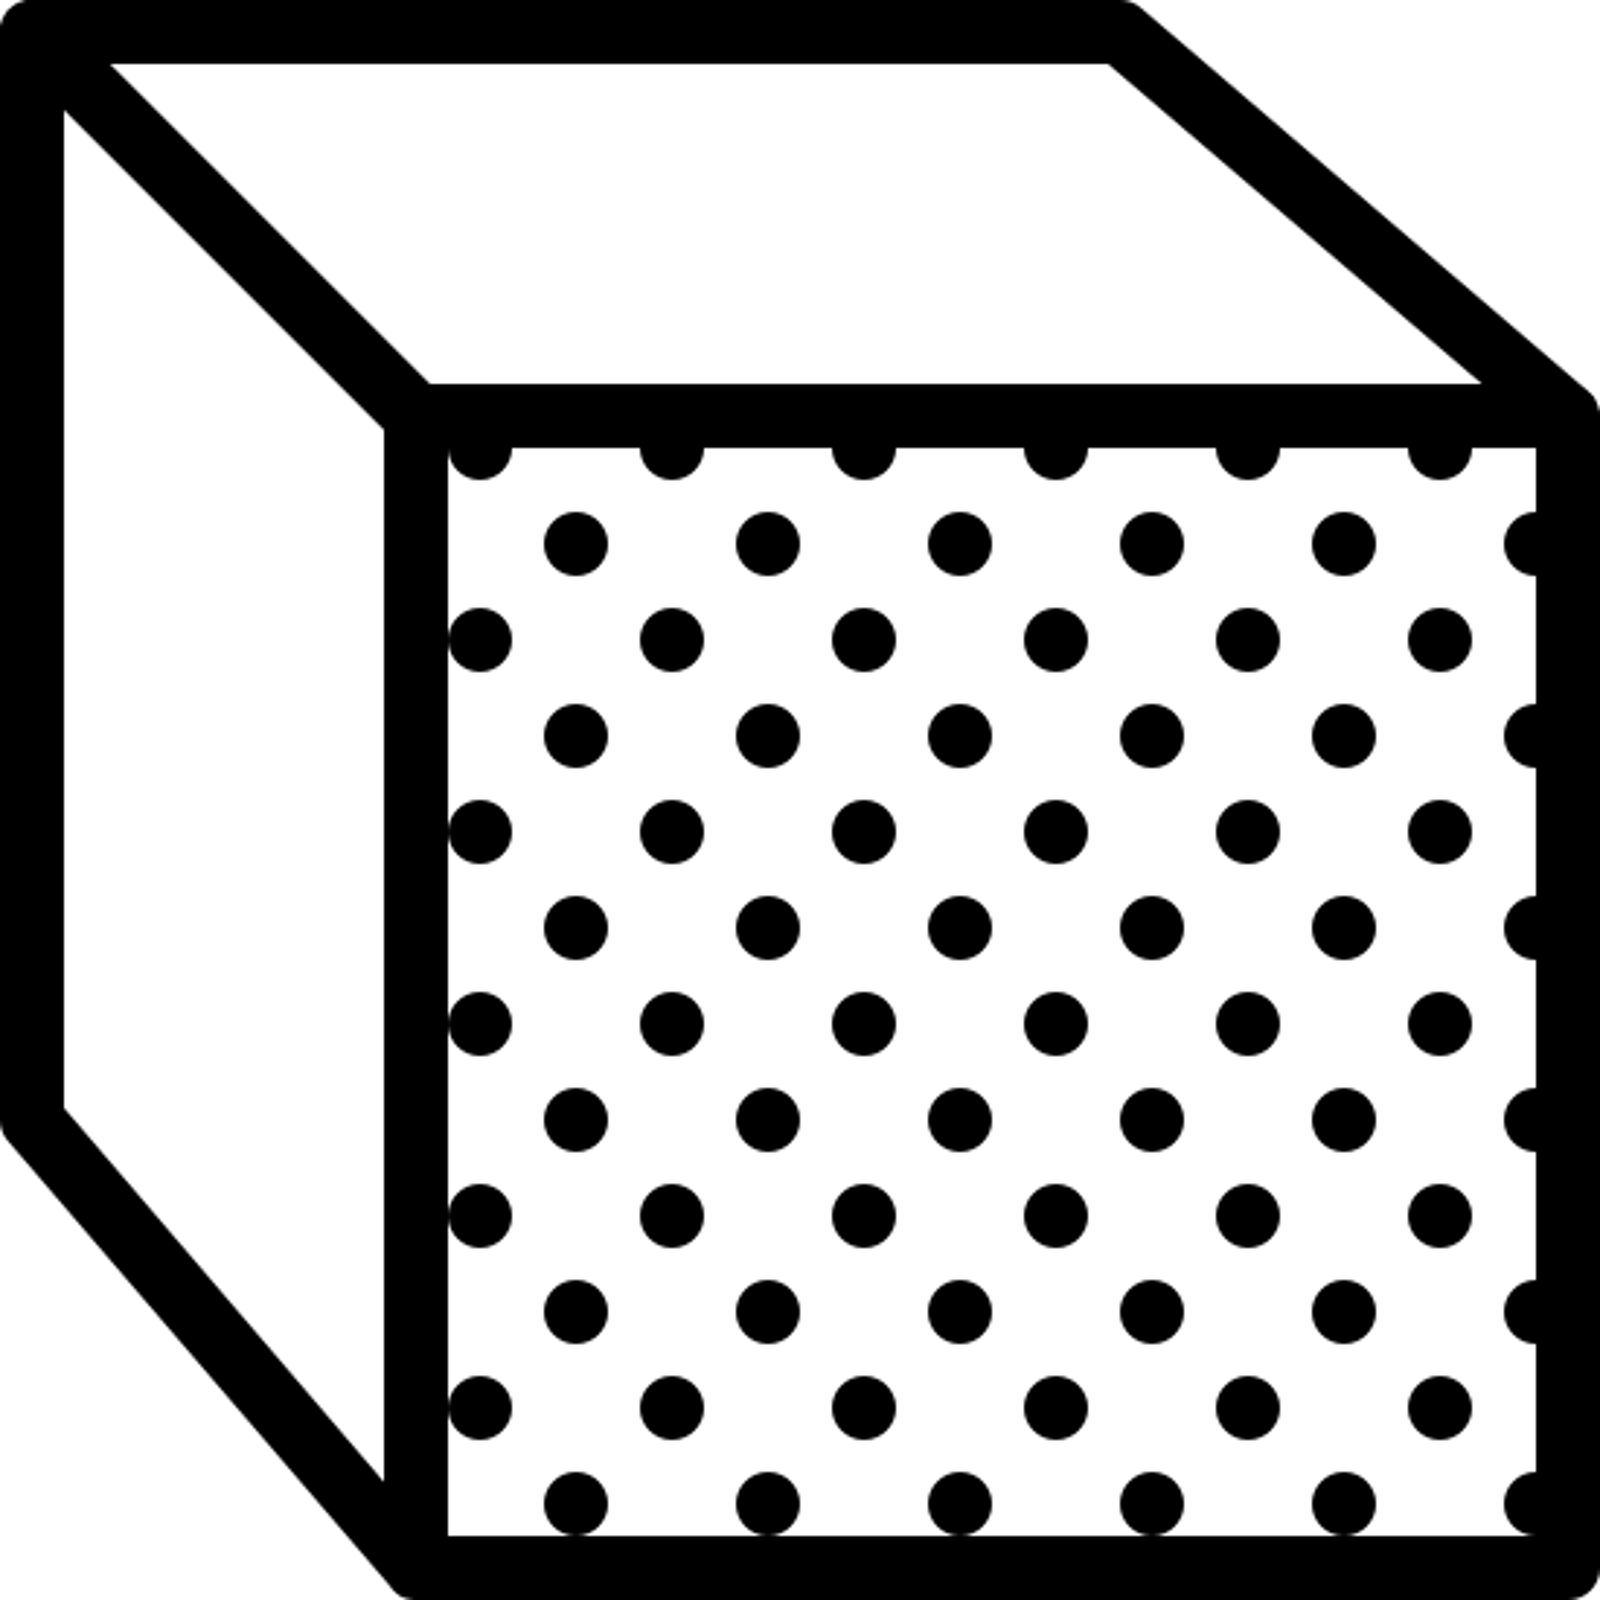 フロント ビュー icon. It's a image of a three dimensional square. The top side and the left side of the square are both blank. The front of the square is covered in many black dots